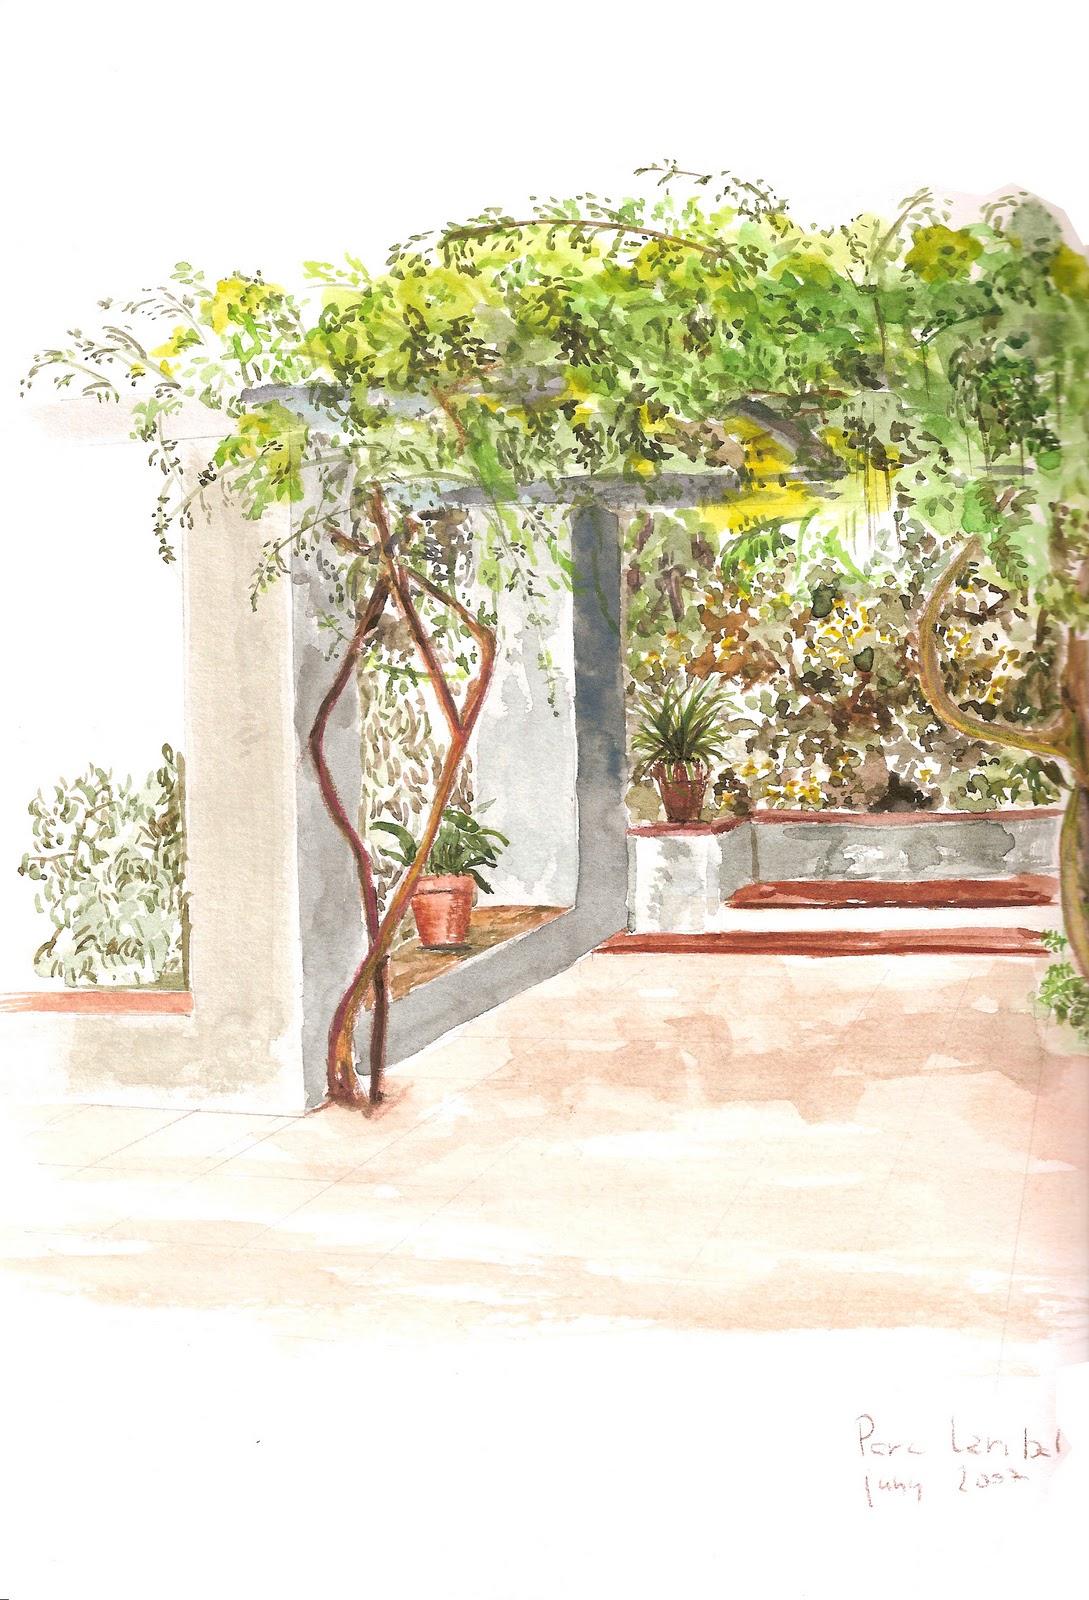 Jardines en paisajes curso de dibujo del jard n y del paisaje for Jardines laribal